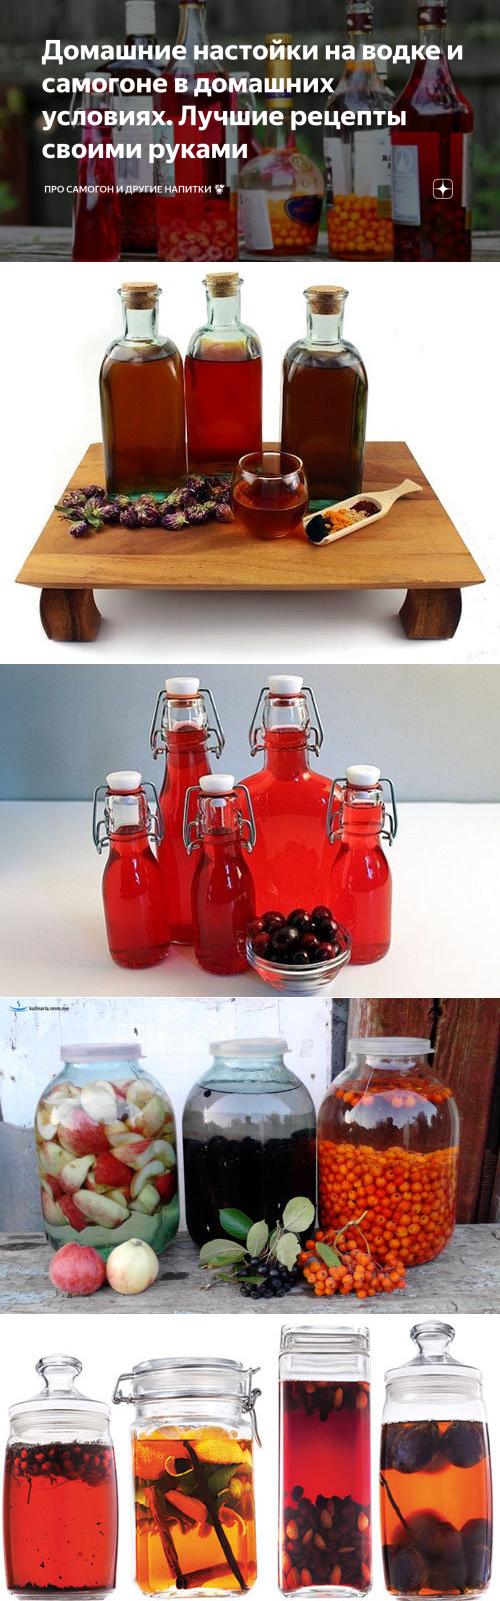 Домашняя настойка на клюкве |  домашний алкоголь - самогоноварение, рецепты настоек, водки